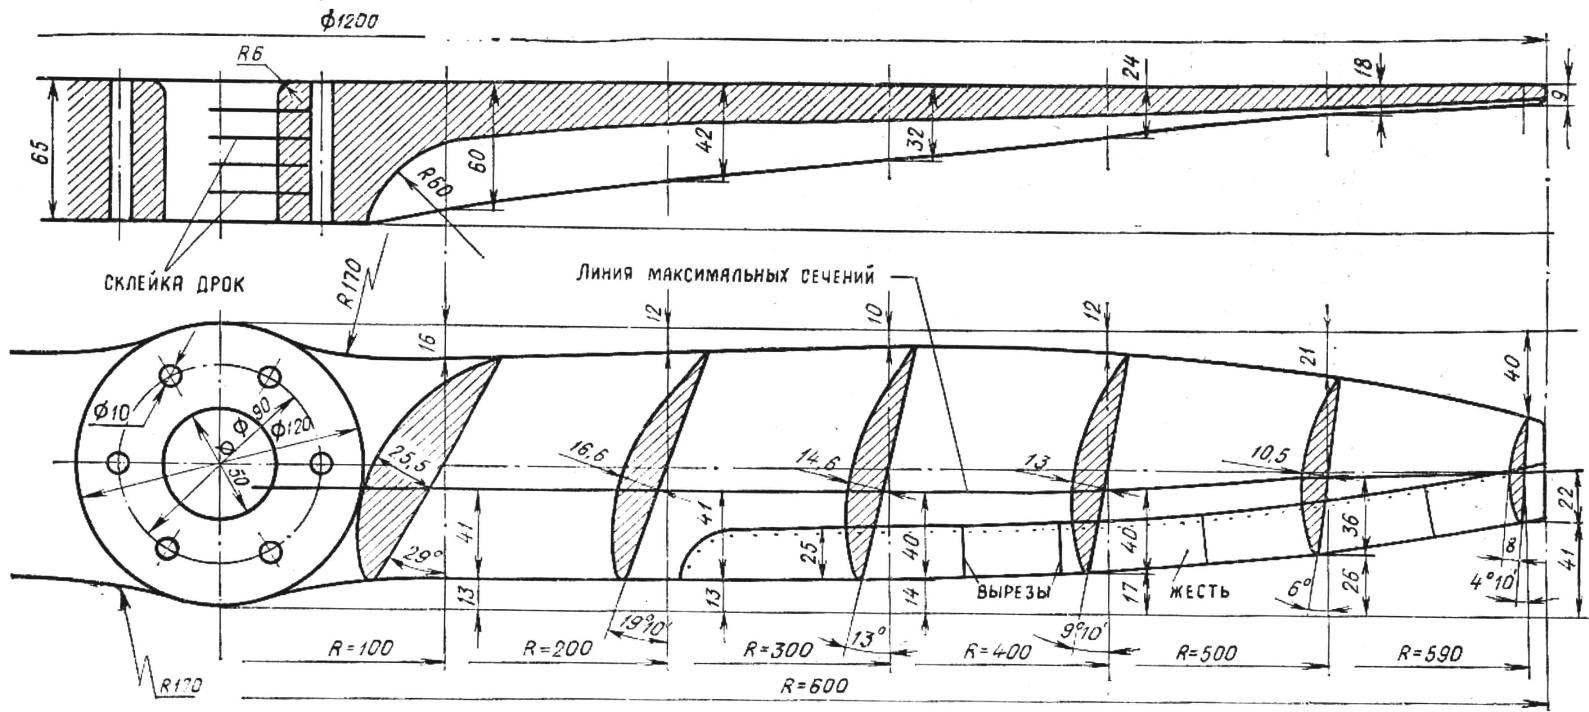 Рис. 2. Воздушный винт для аэросаней «Плавунец»